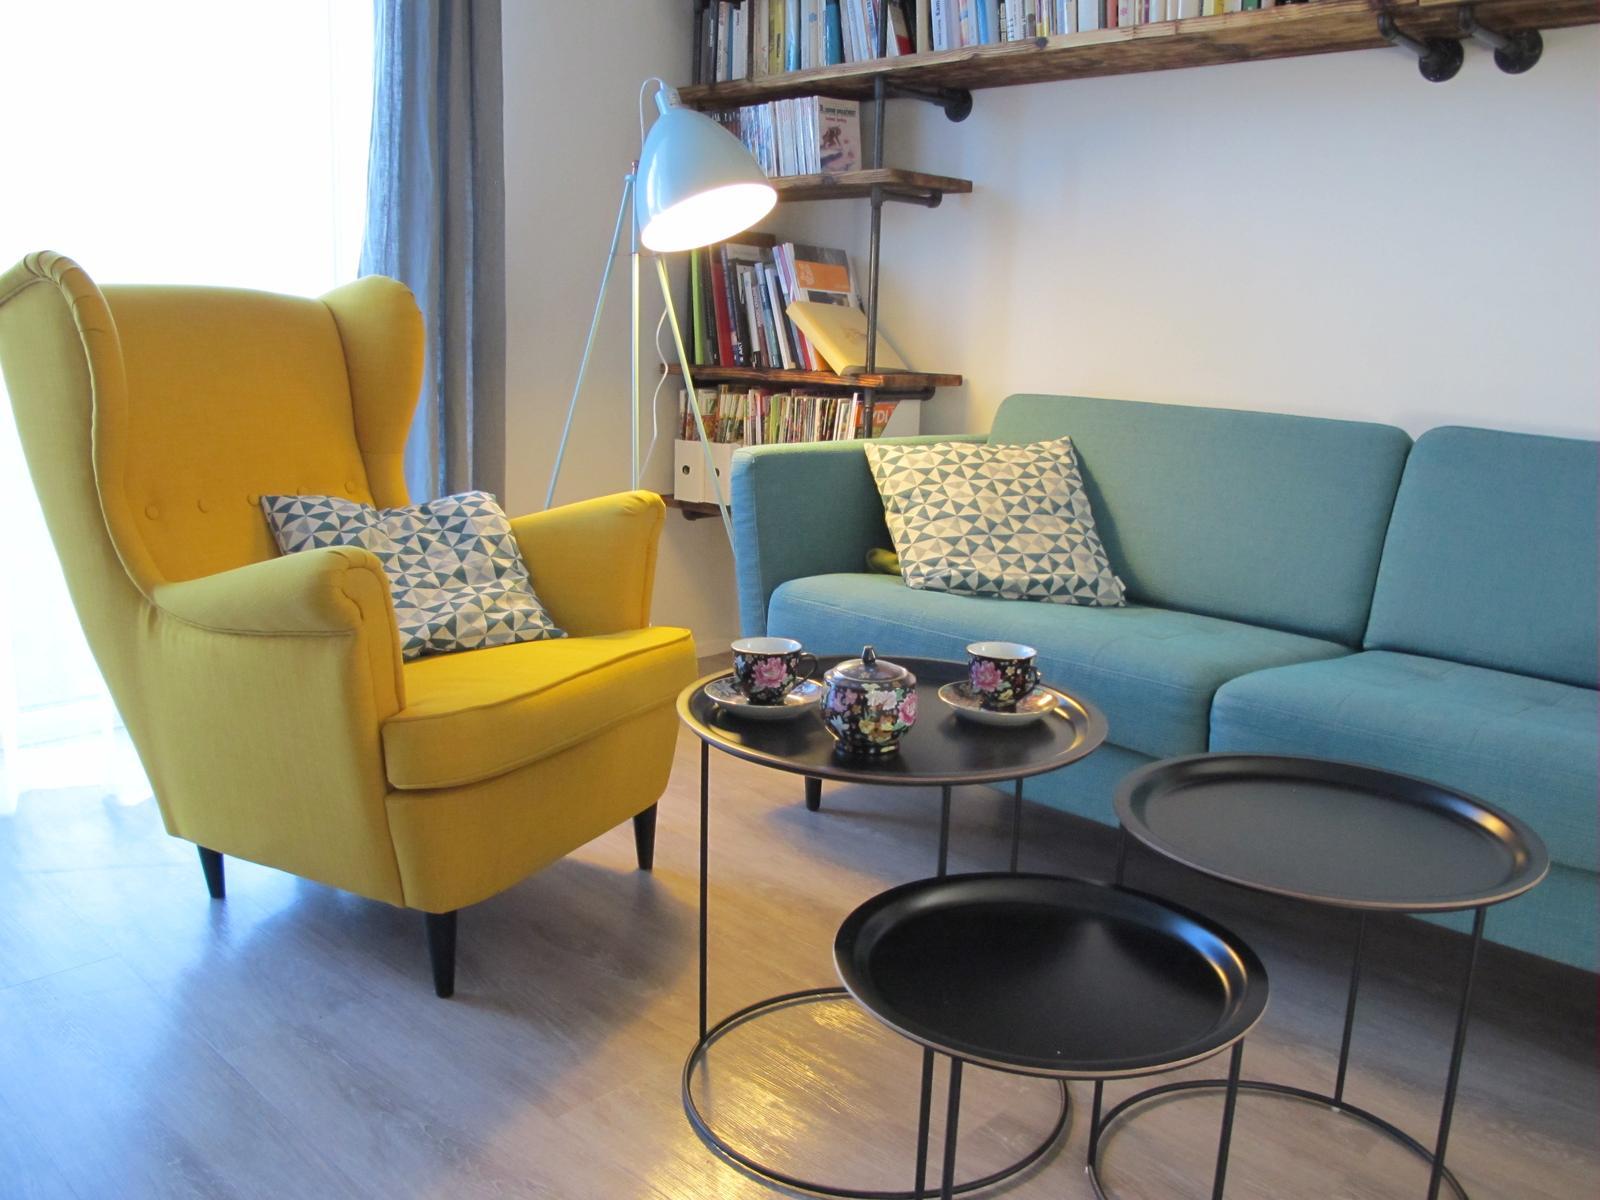 Obývák pro knihomoly - konečně stolky a lampa